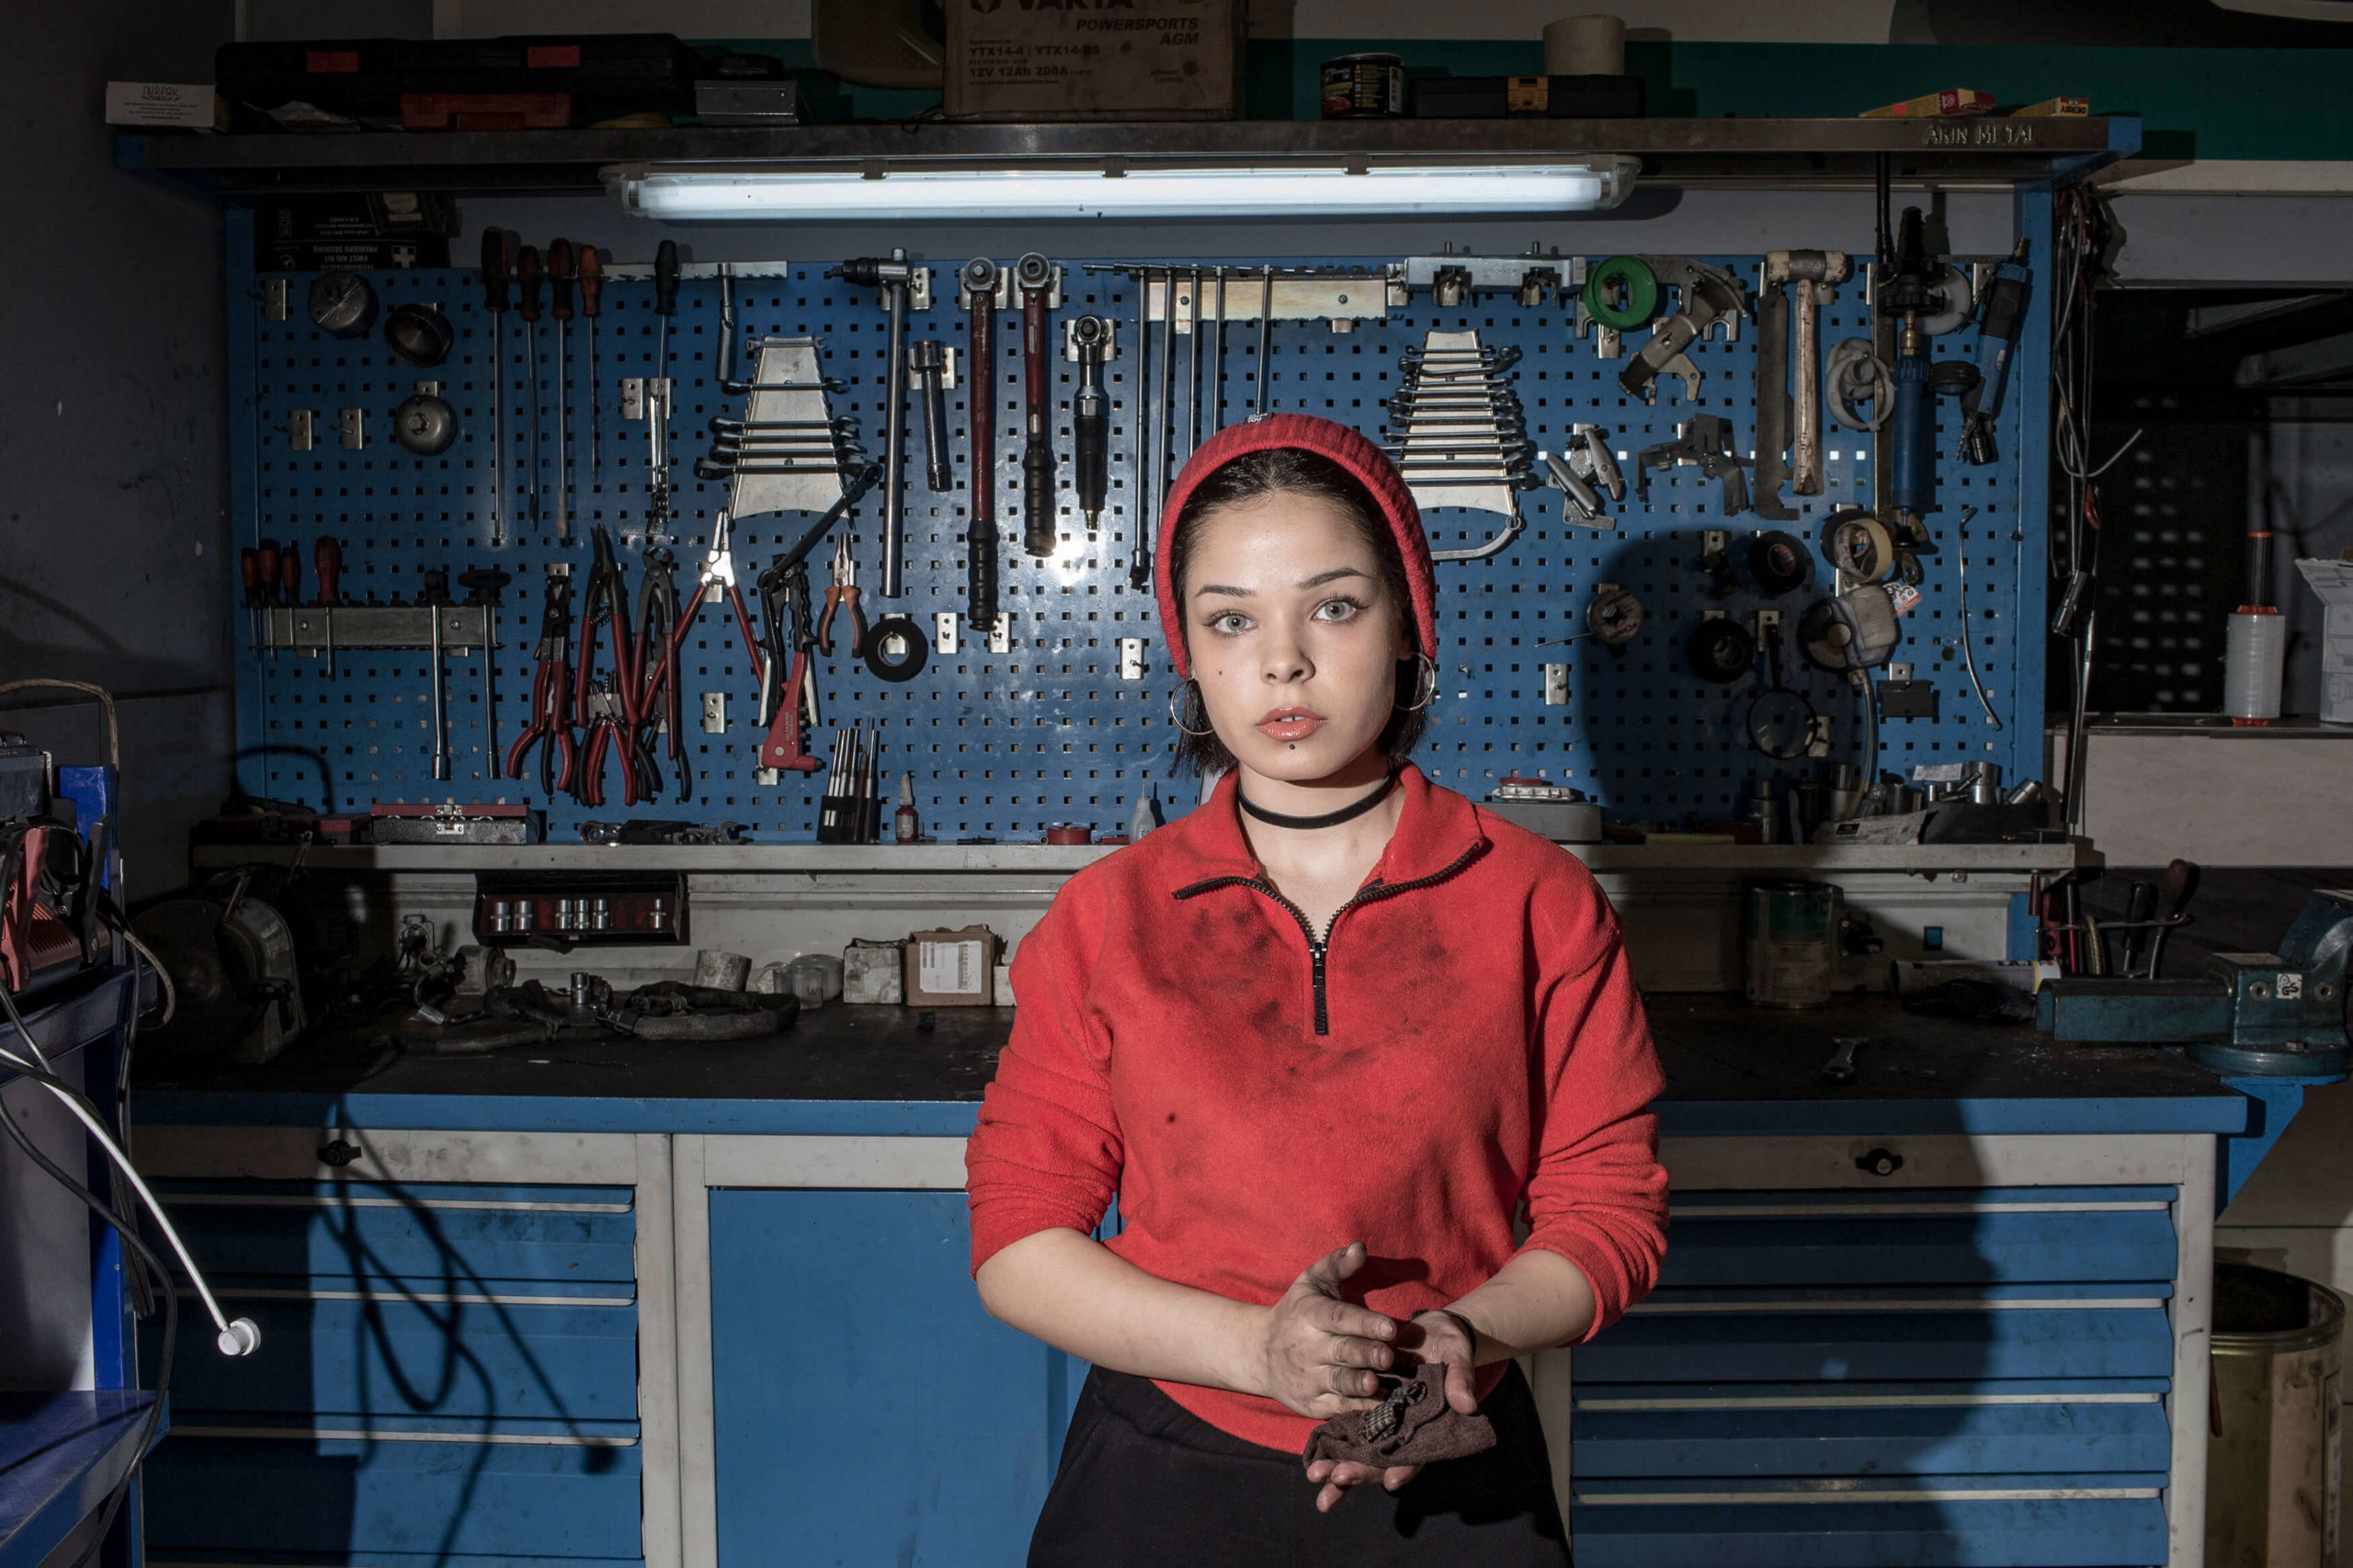 Kendi Tamirhanesini Açmak İsteyen 17 Yaşındaki 'Melike Nur' ve Hikayesi